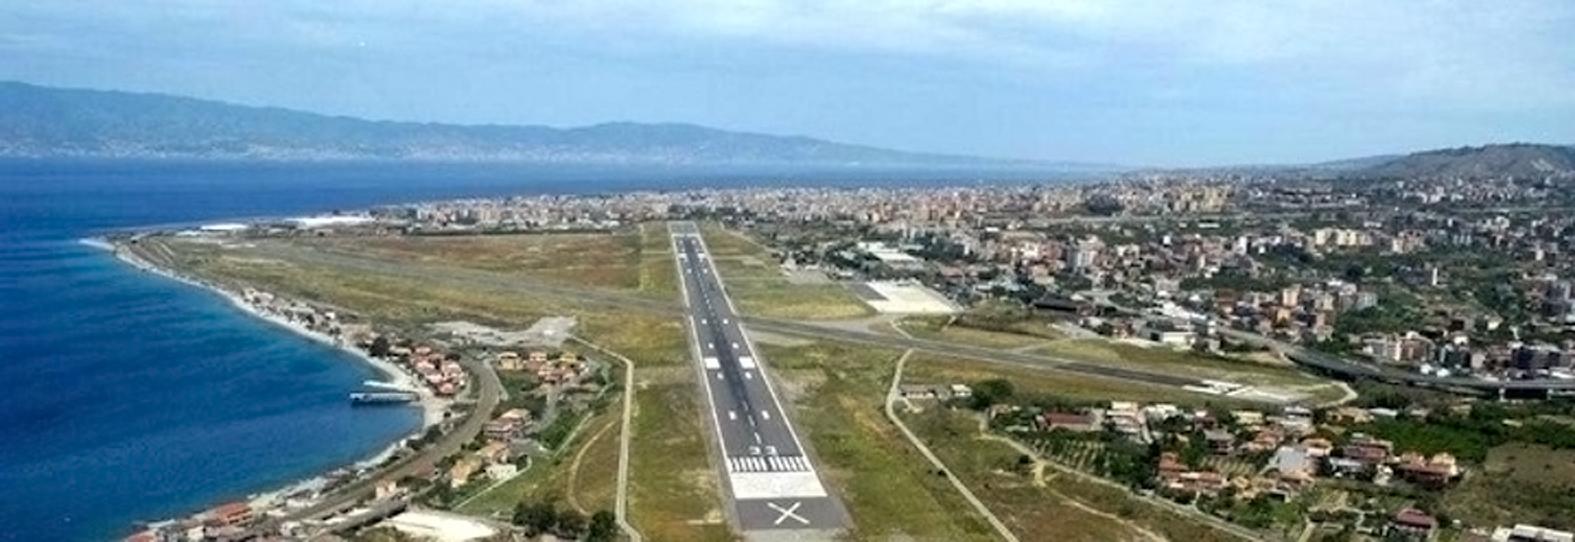 Aeroporto dello Stretto In aumento i movimenti commerciali e il traffico passeggeri nellultimo